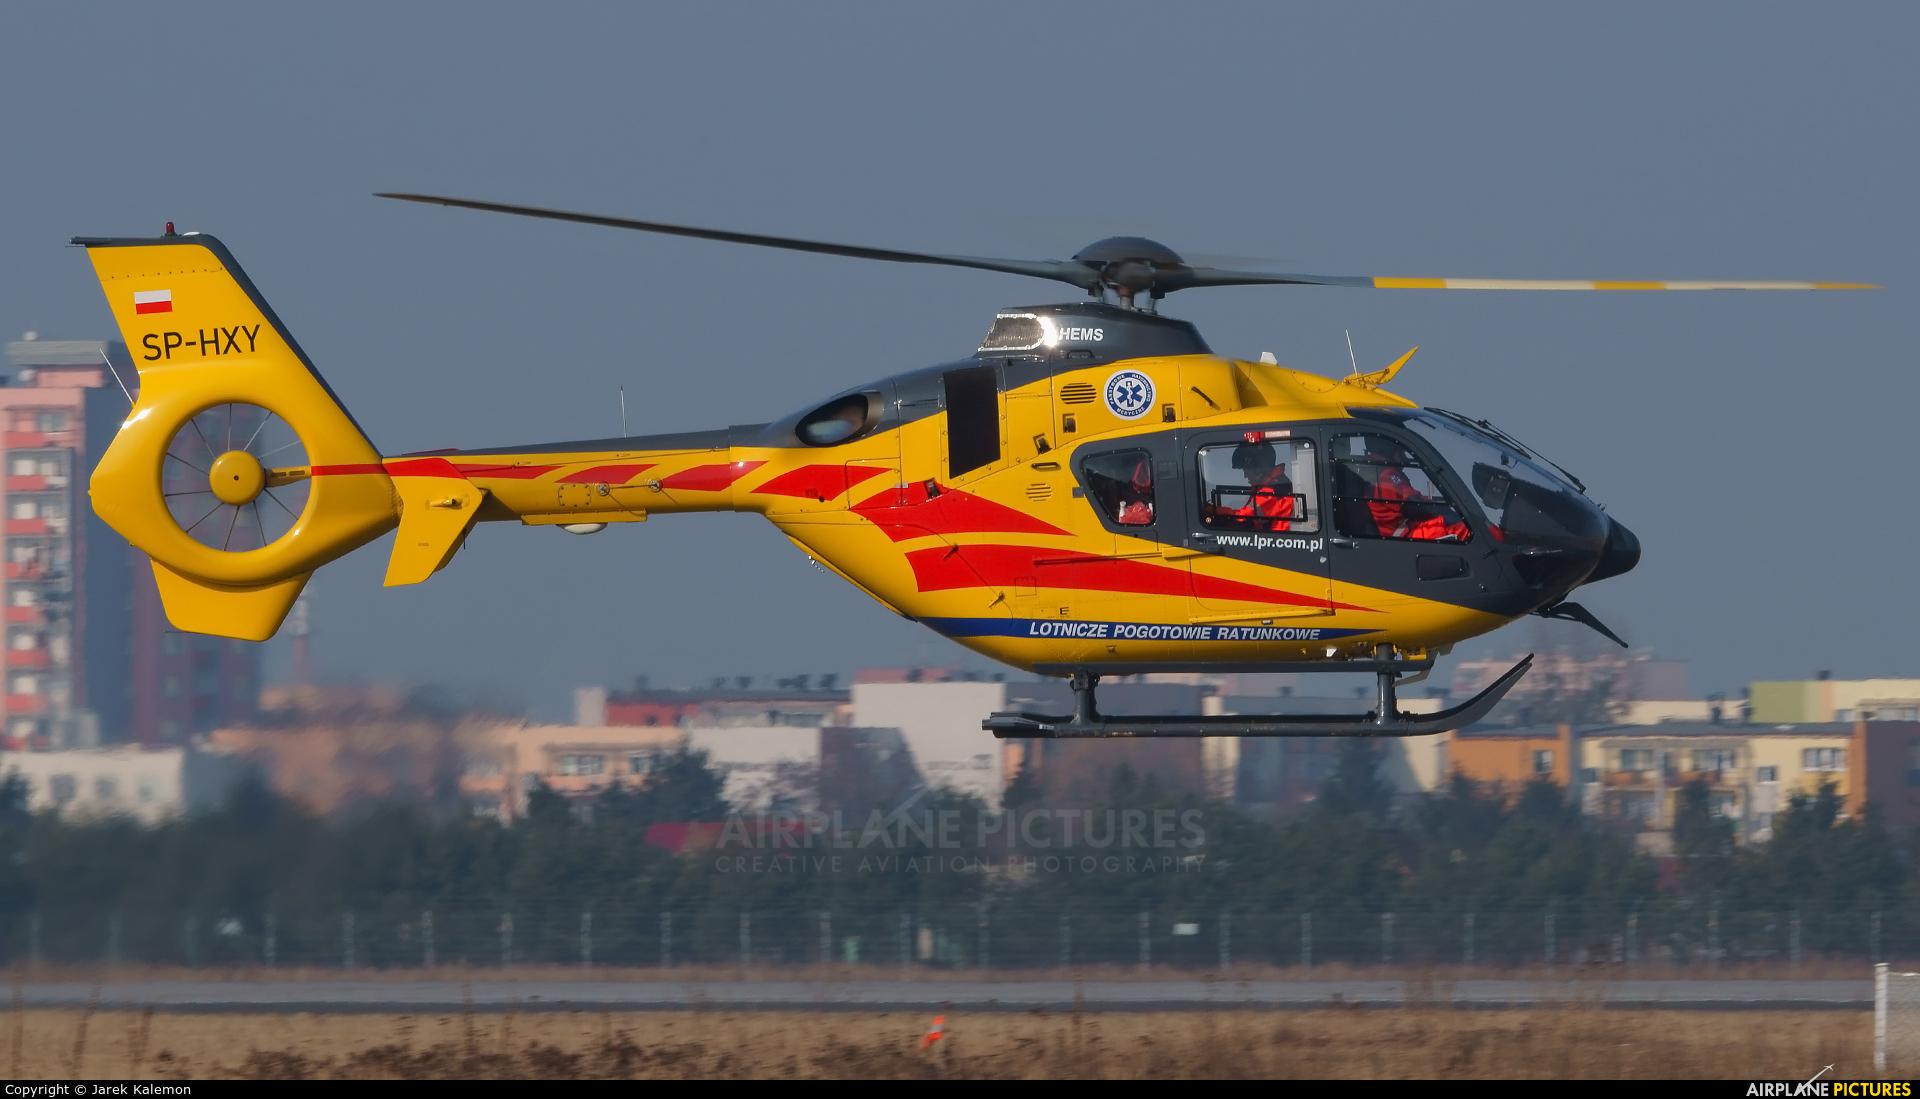 Polish Medical Air Rescue - Lotnicze Pogotowie Ratunkowe SP-HXY aircraft at Bydgoszcz - Szwederowo